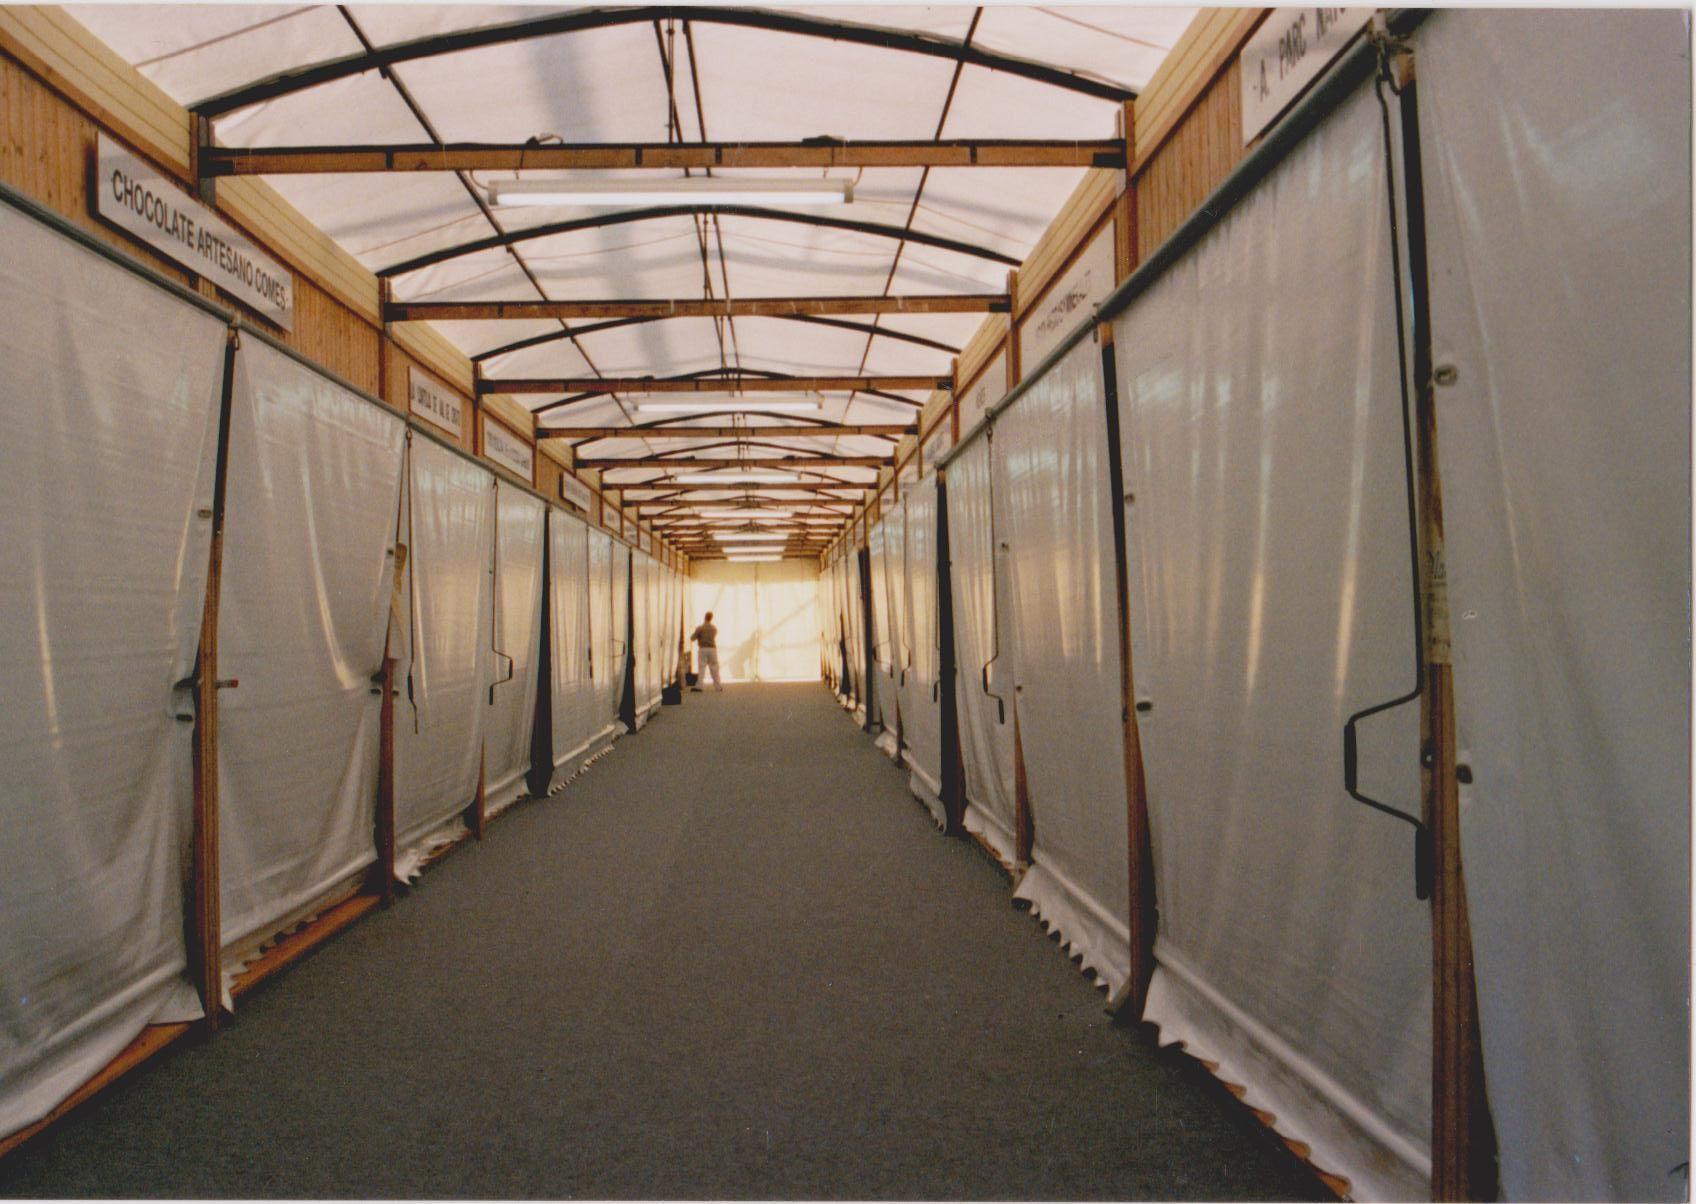 Eventos duran montajes exteriores sl - Galeria comercial ...